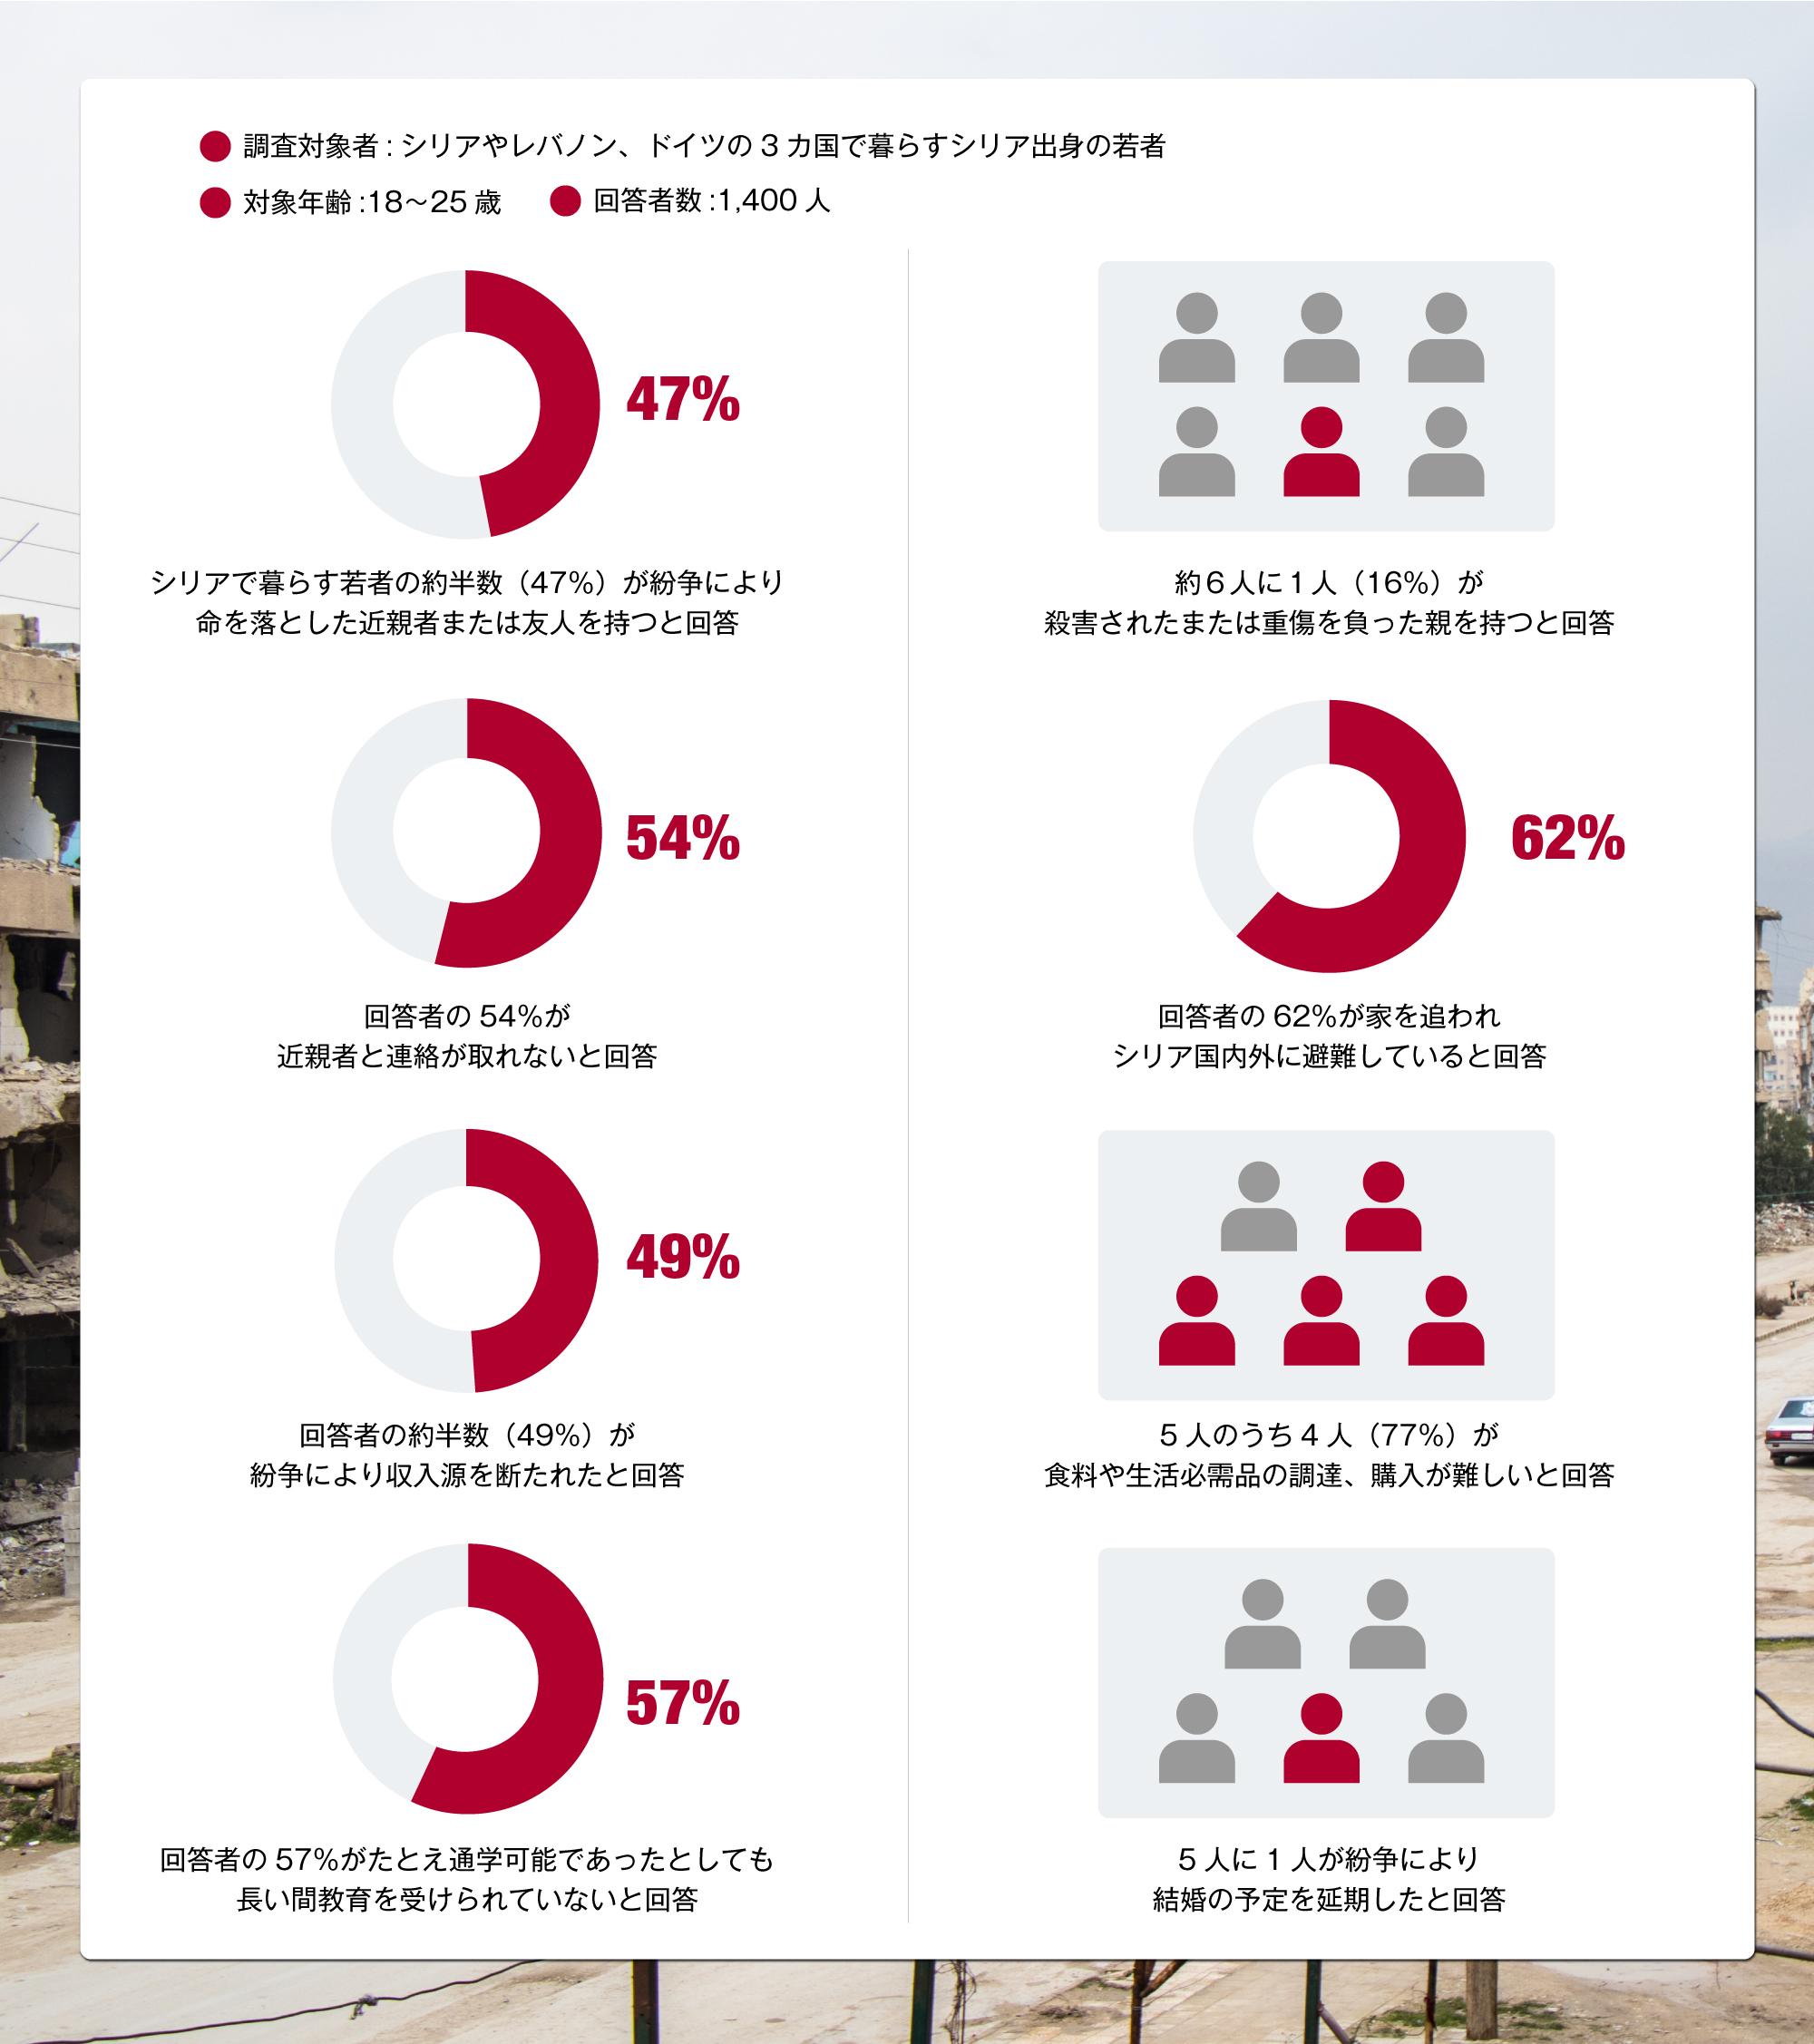 シリア出身の若者1400人に対する紛争による被害のアンケート結果